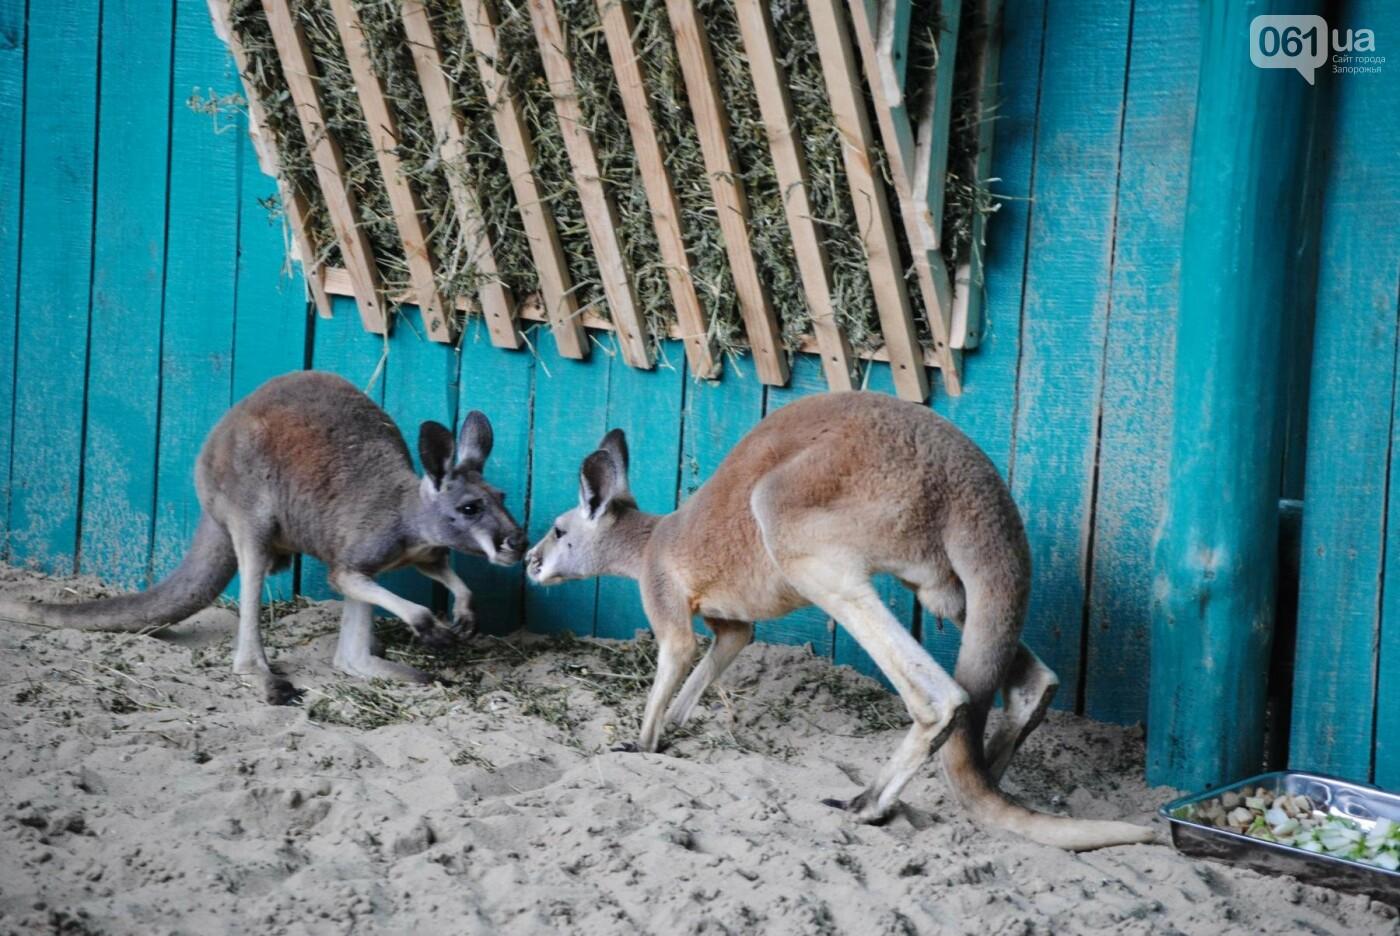 В бердянском зоопарке появились кенгуру: они любят хлеб и скоро станут ручными, - ФОТОРЕПОРТАЖ, фото-3